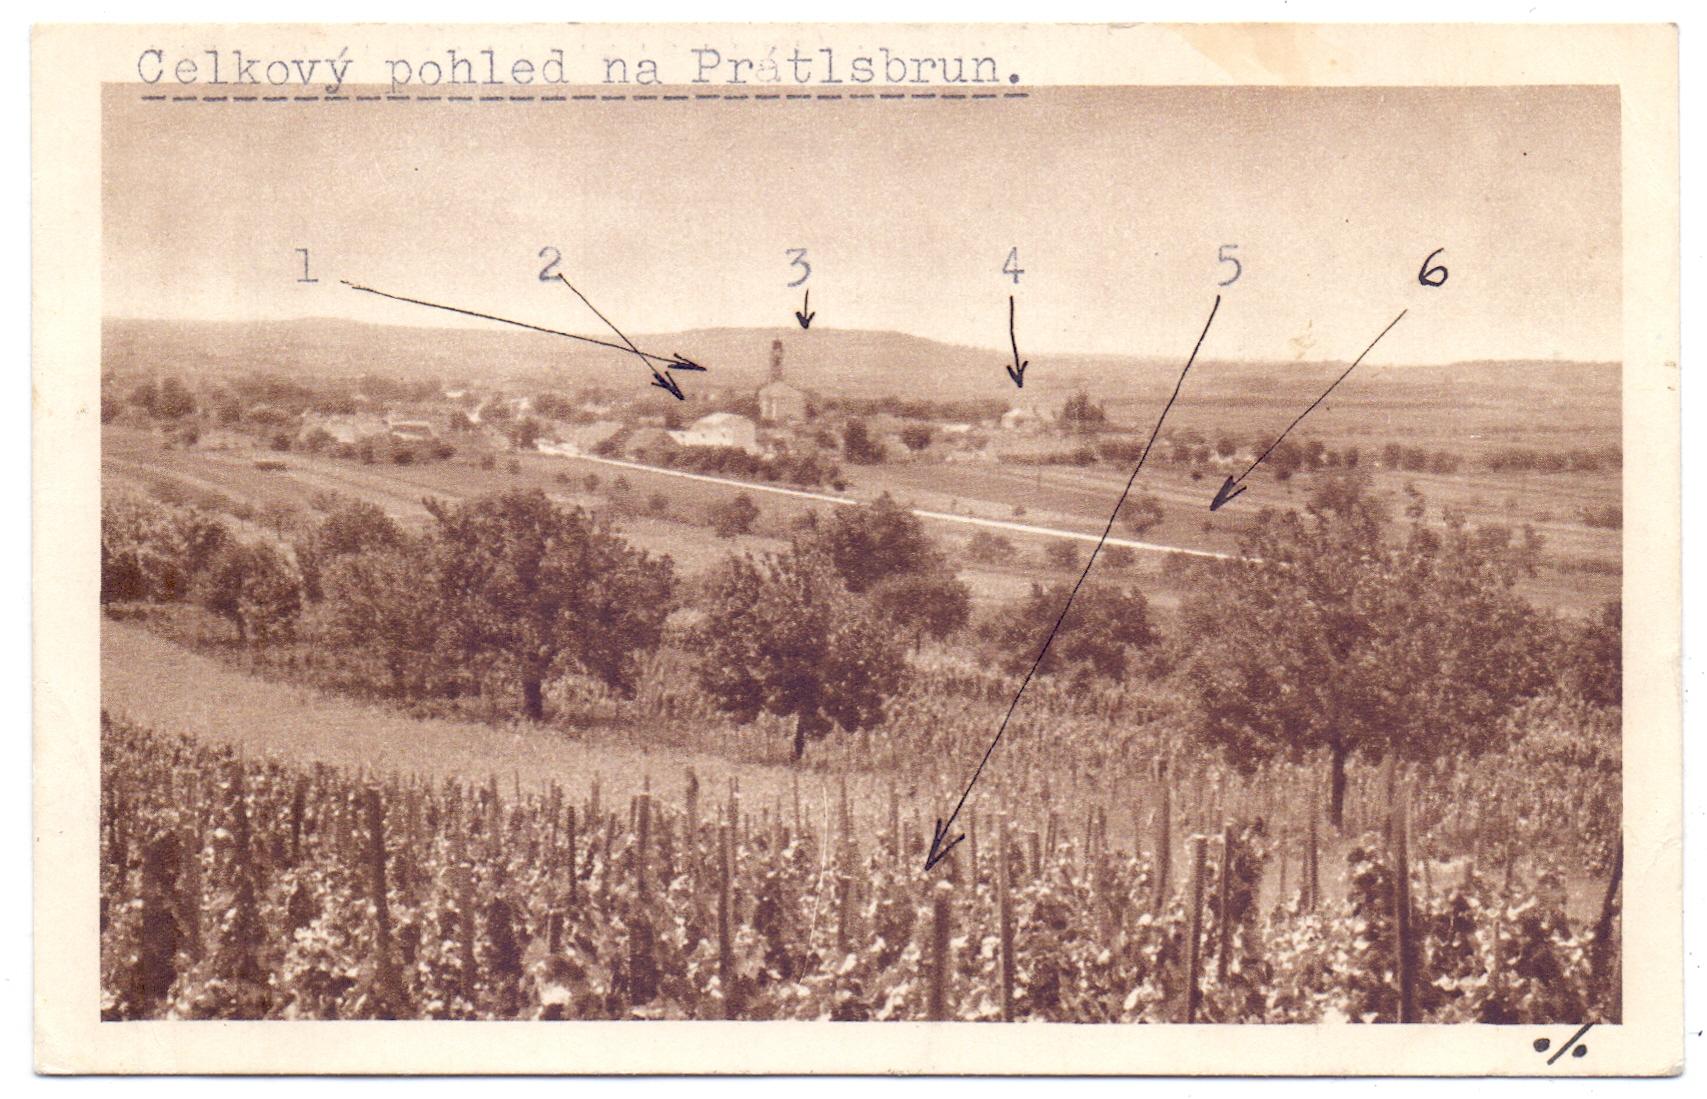 Prátlsbrun - pohlednice, přední strana, neprošlá poštou. Zdroj: Peter Frank, Stuttgart – sbírka Mušov